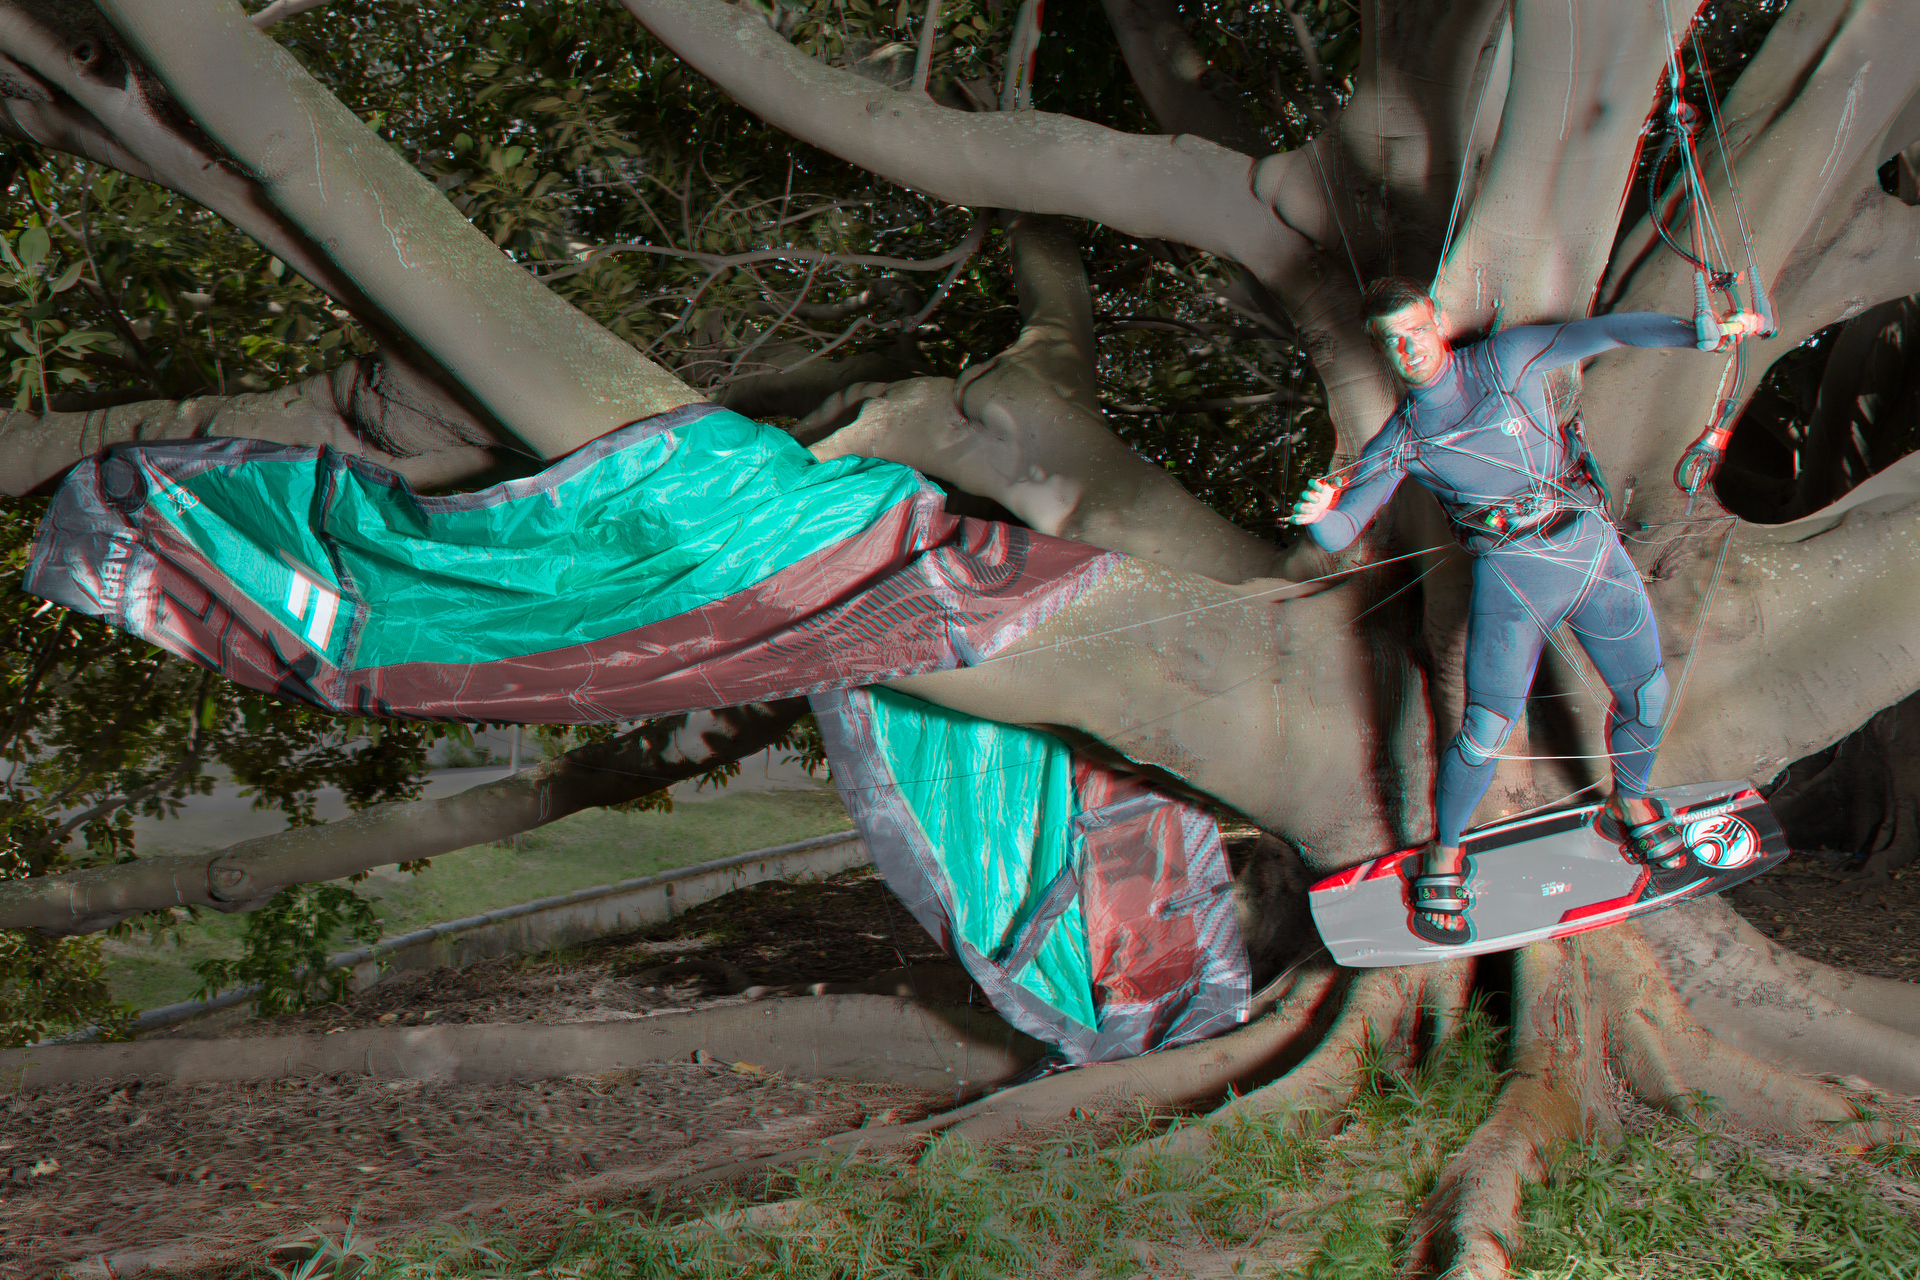 Nick_In_Tree_flat